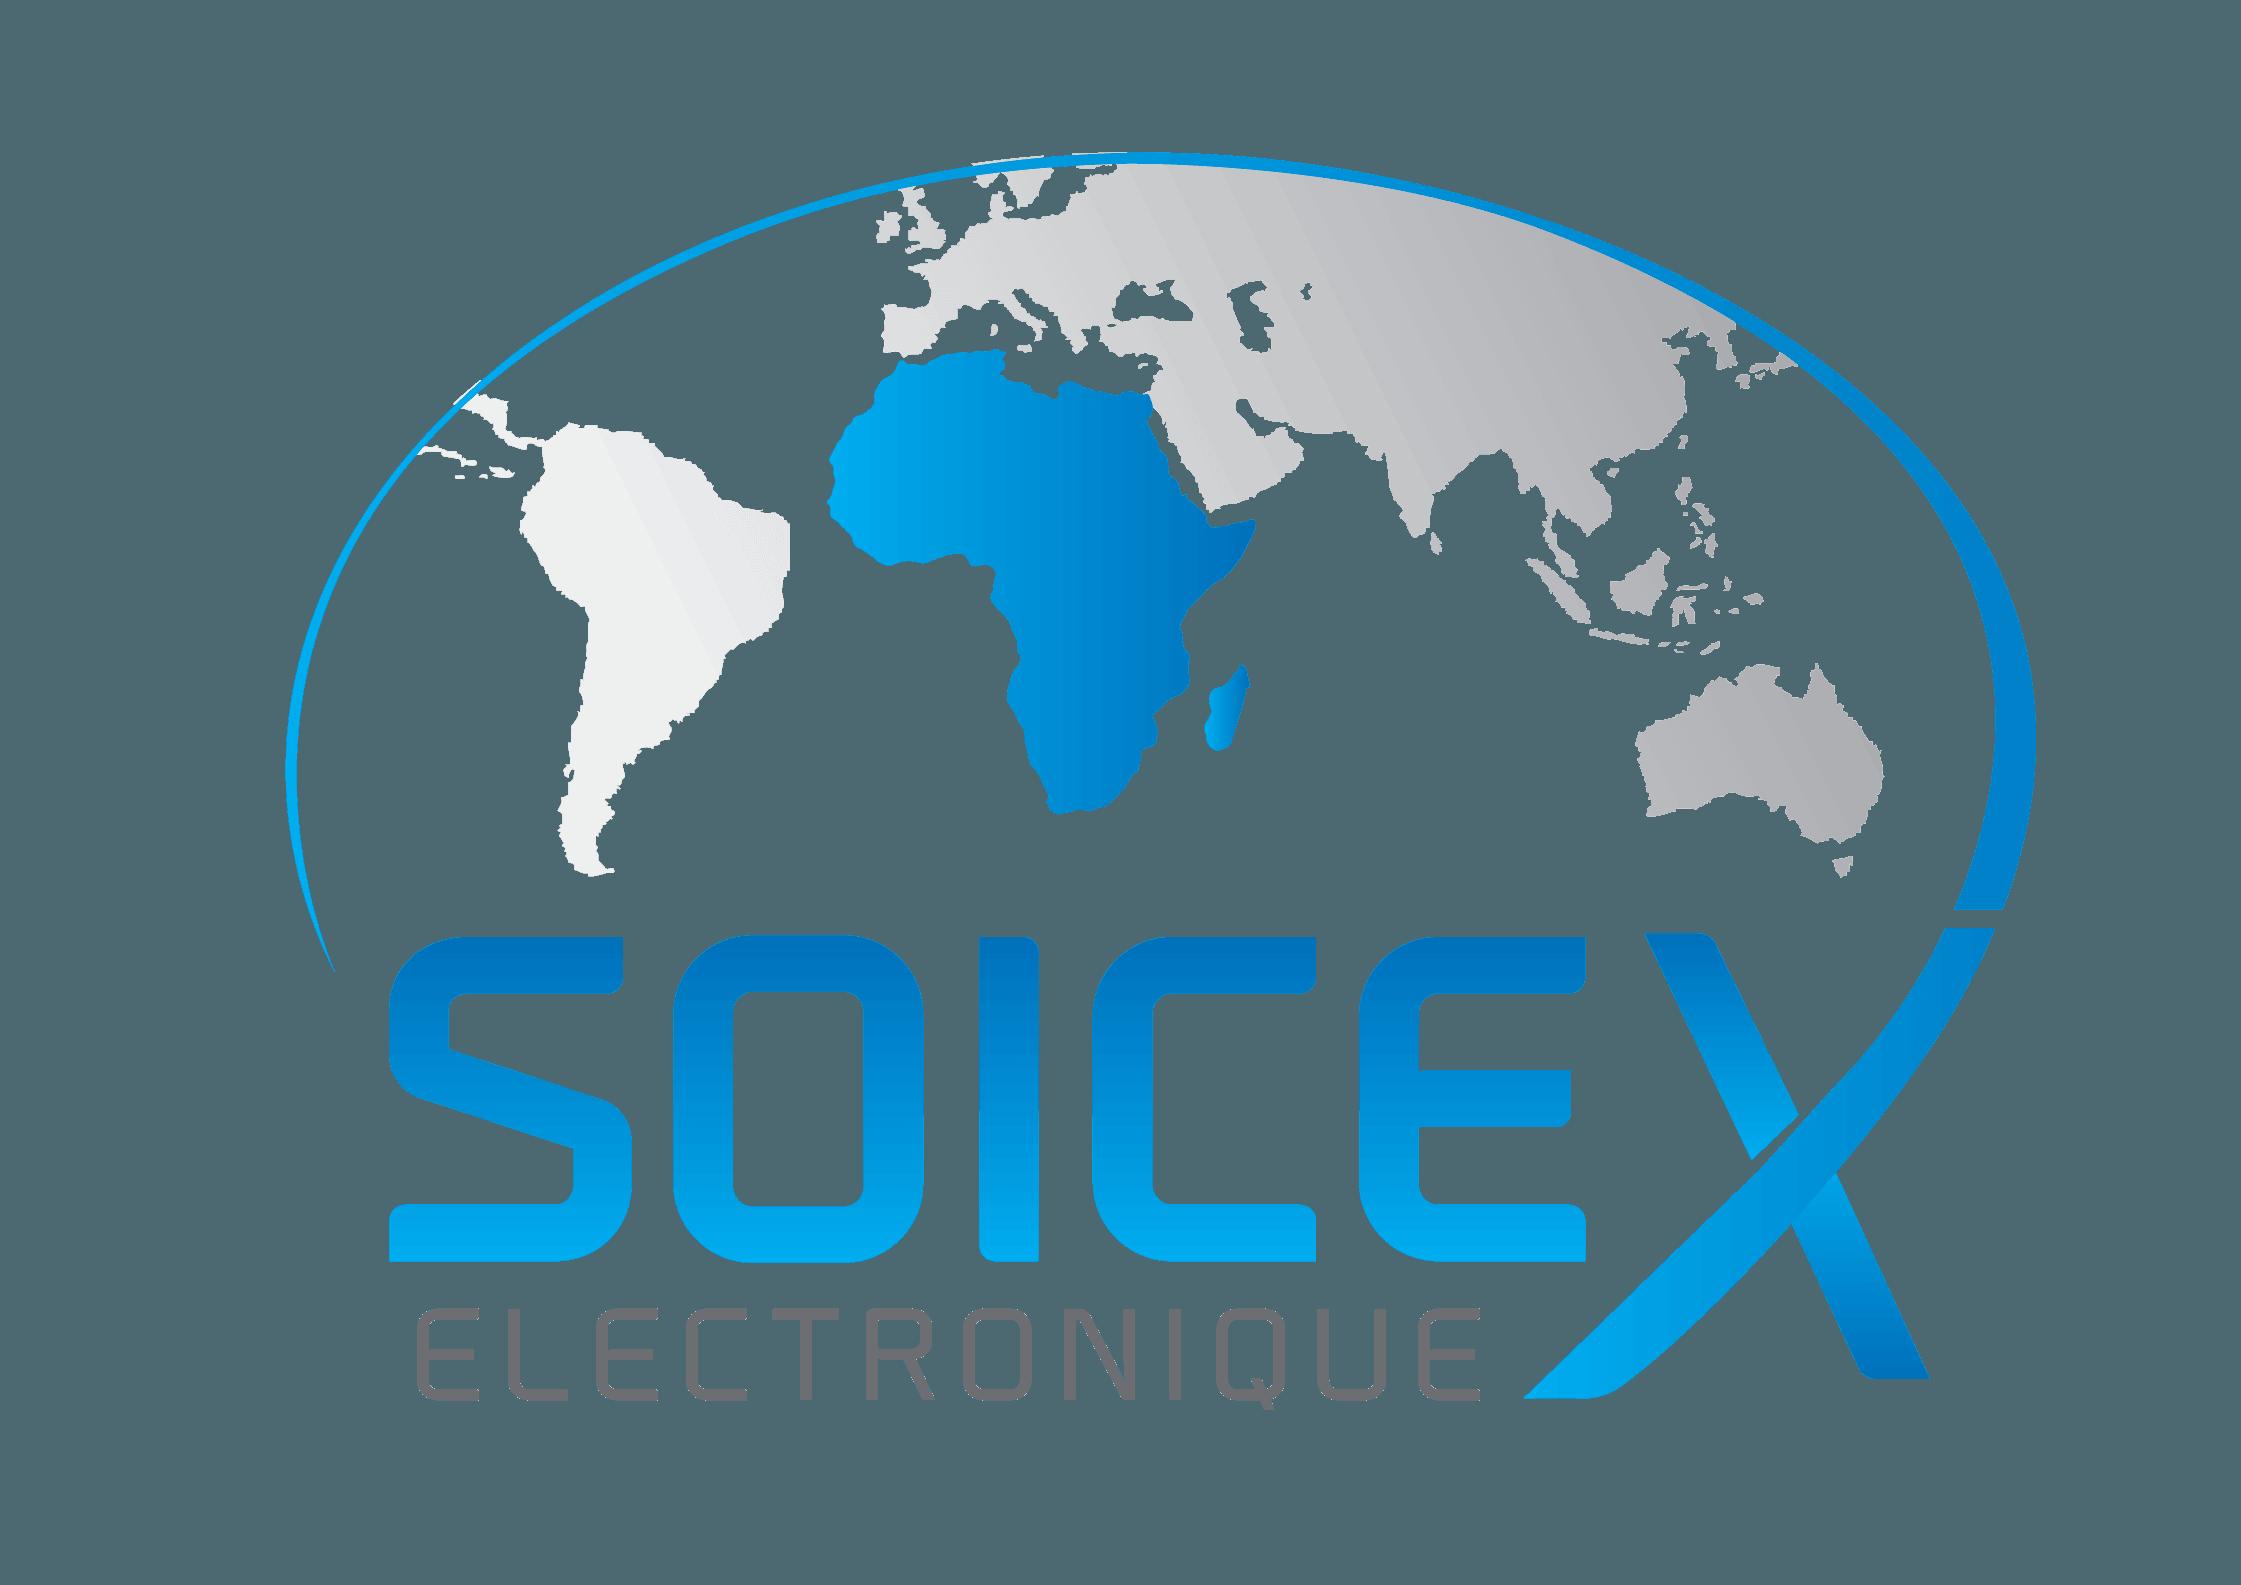 logo soicex afrique